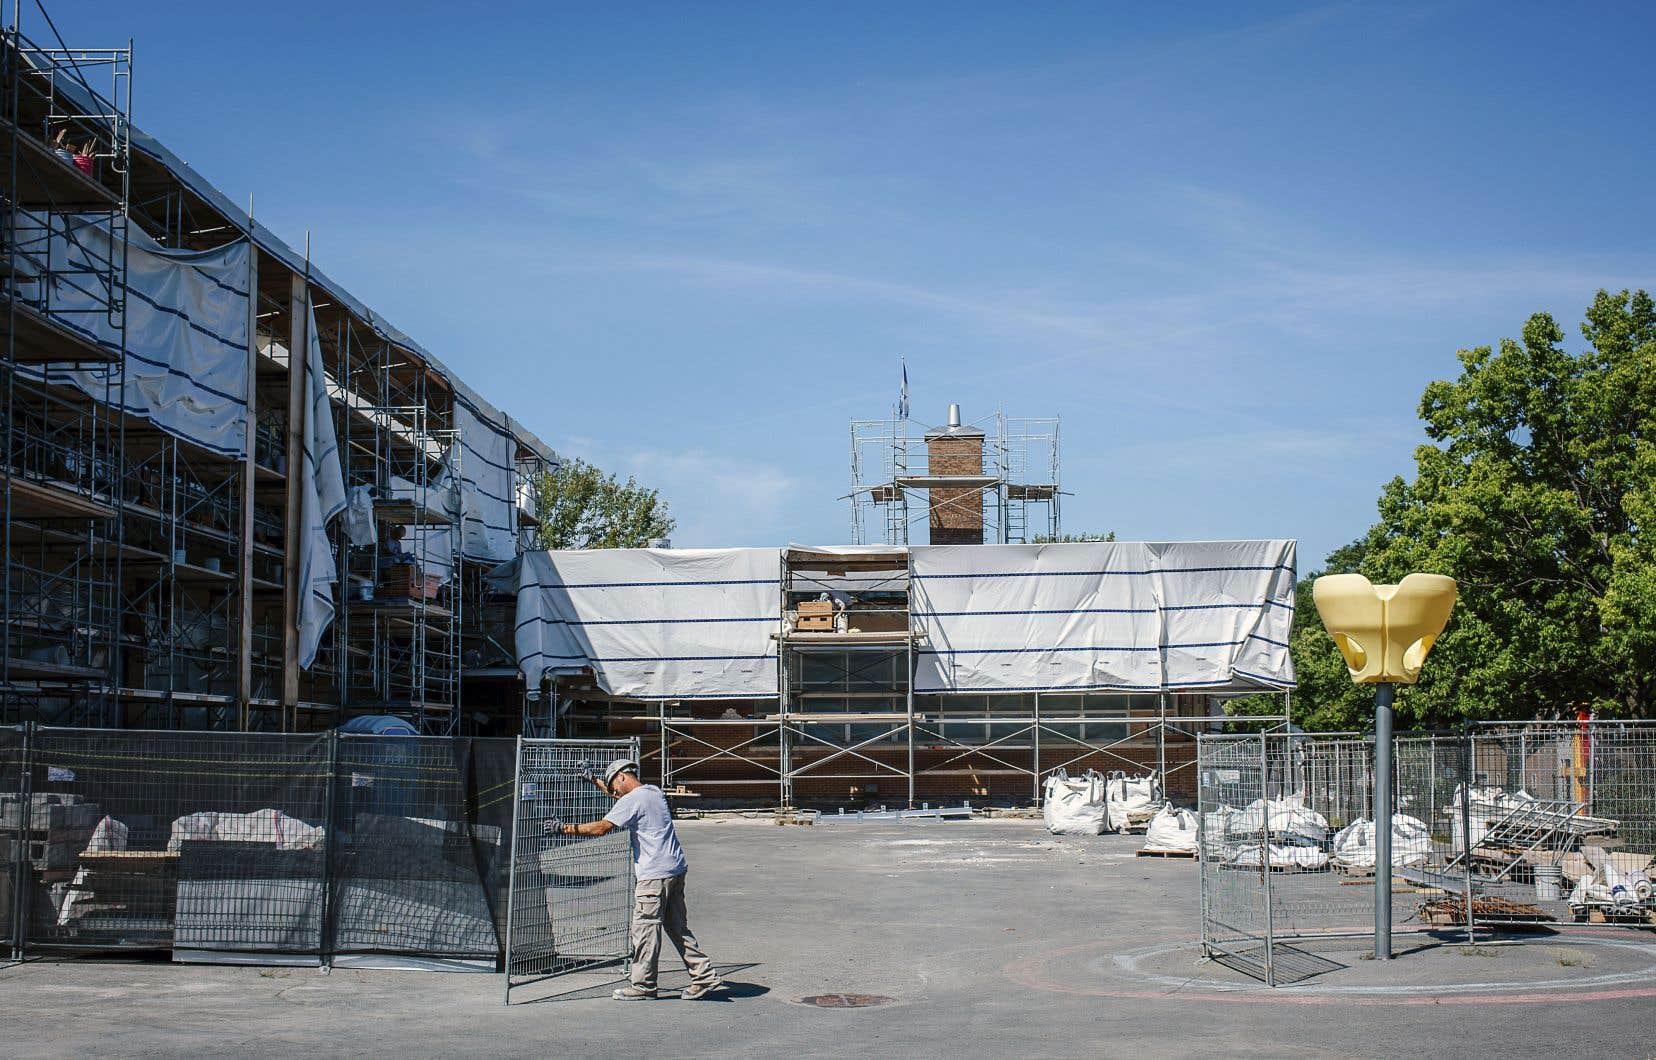 À l'école primaire Saint-Jean-Vianney, comme dans bien d'autres établissements scolaires, les ouvriers sont toujours à l'oeuvre alors que la rentrée des écoliers s'amorce.